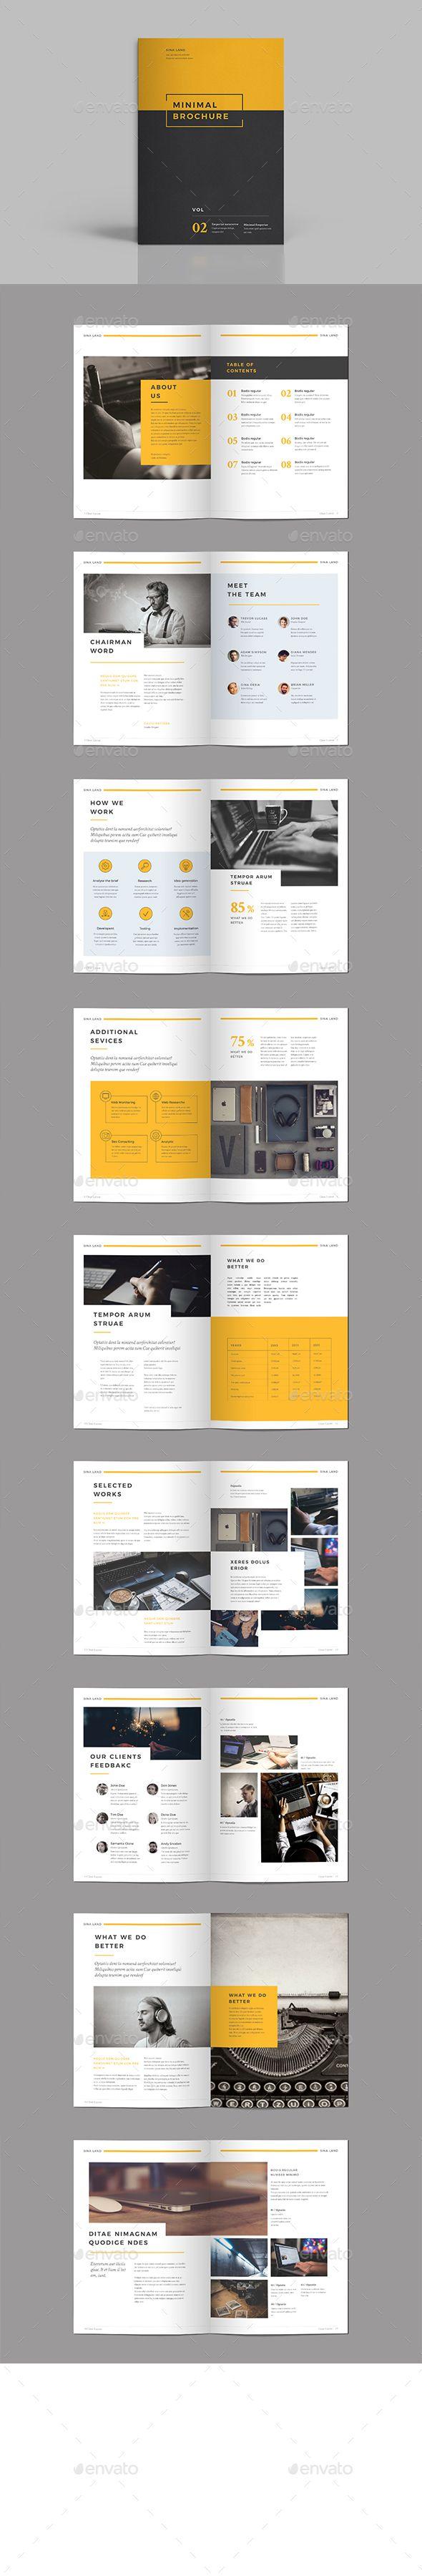 Minimal Brochure Vol III | Diseño editorial, Portafolio y Editorial